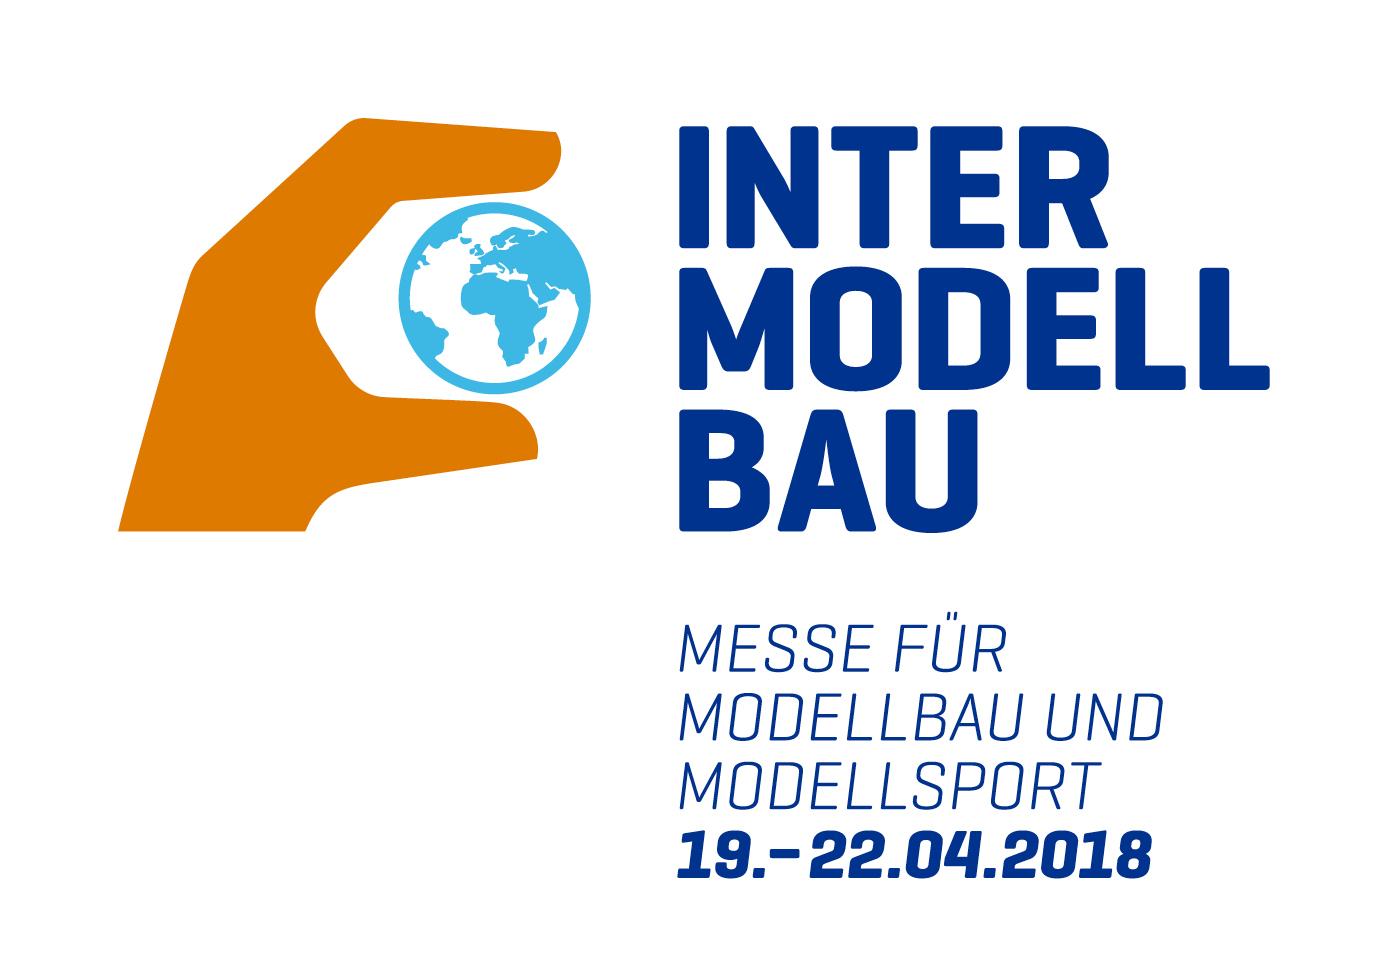 Intermodellbau 2018, Vollzahler online 10€ anstatt Tageskasse 14€ und 833x 2 für 1